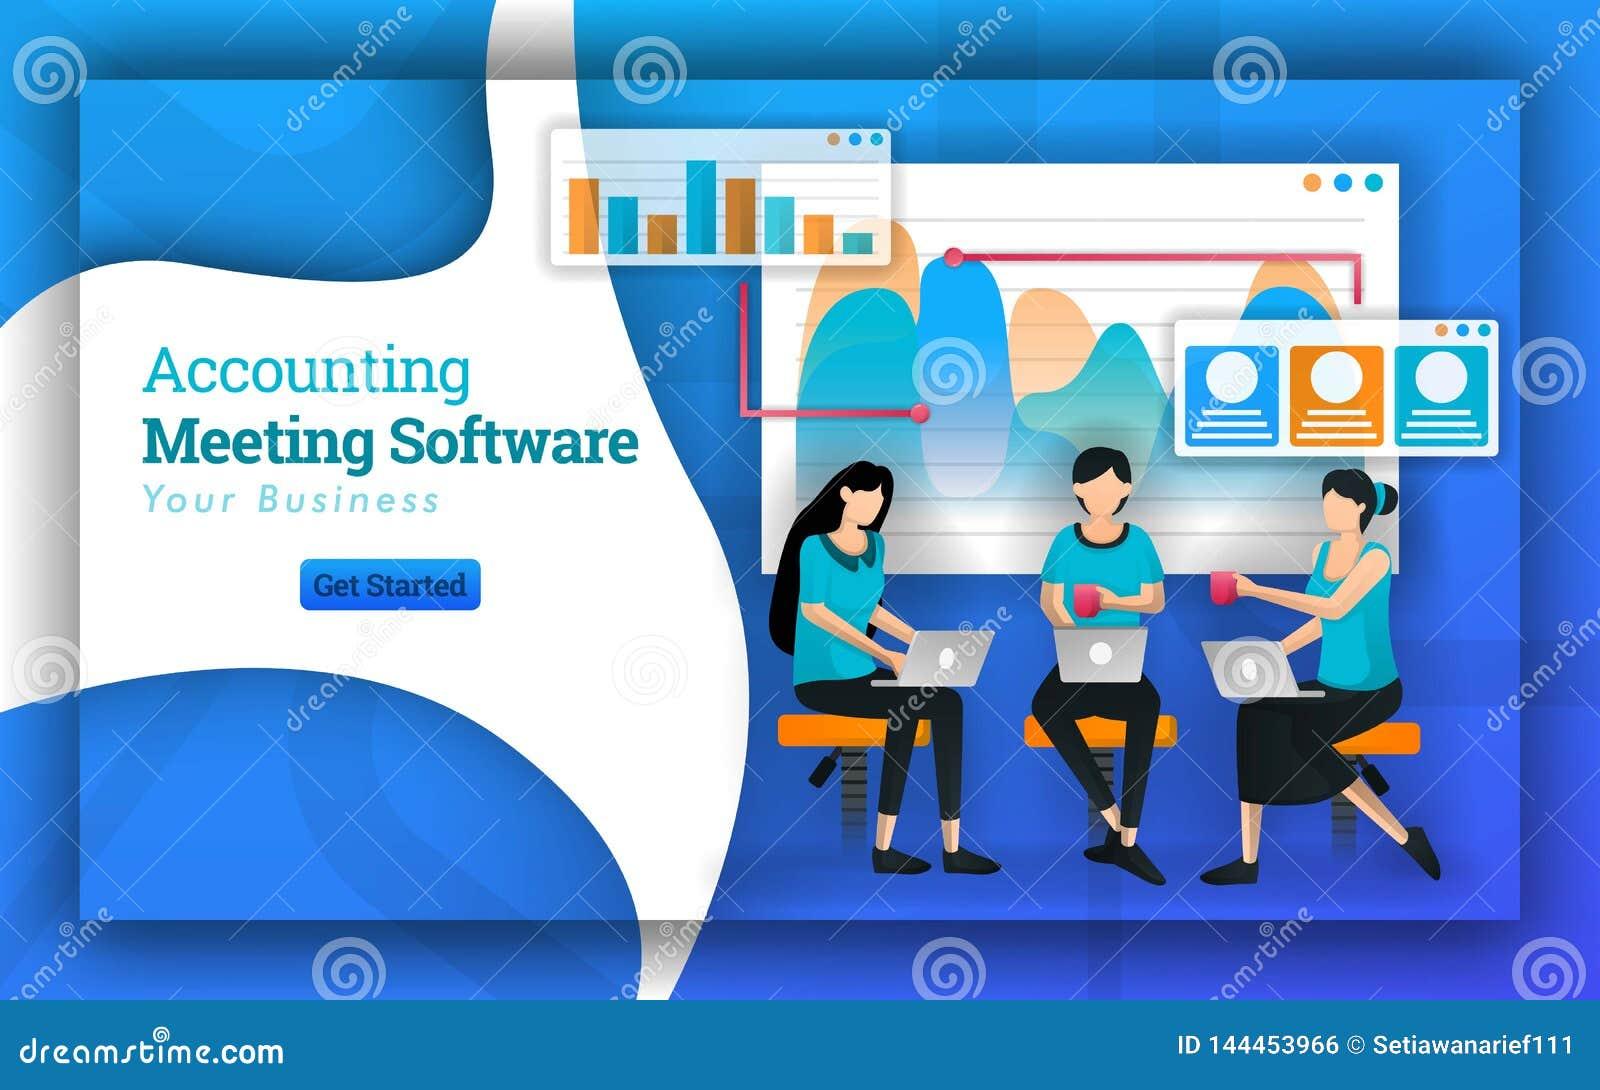 Redovisande möteprogramvara har många yrkesmässiga revisorer från många företag, tjänande som små och medelstora företagskatt och